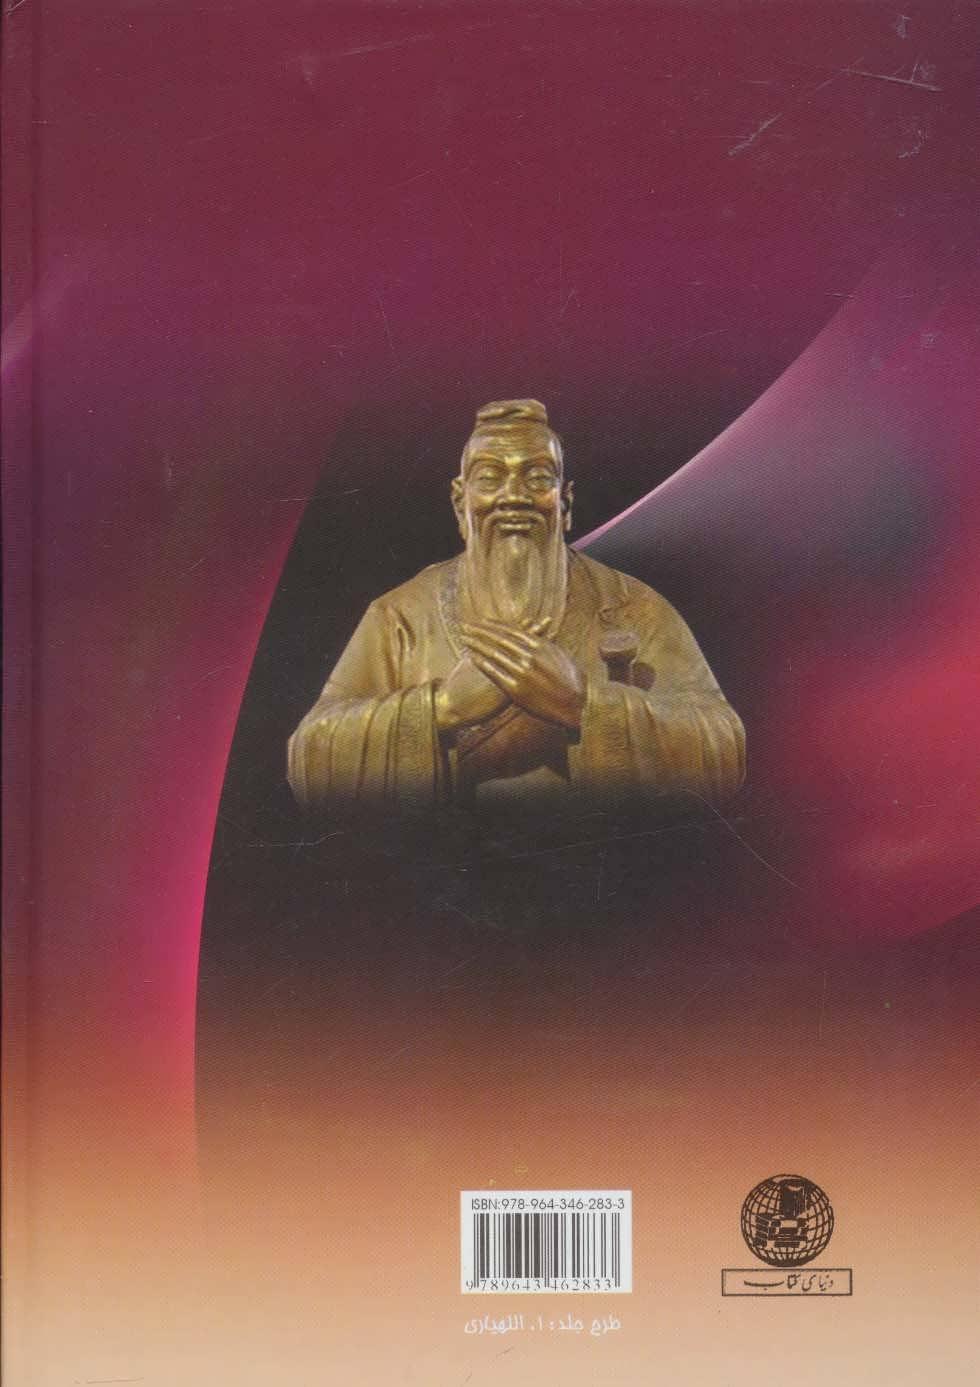 کنفسیوس (مکالمات و هزار اندرز)